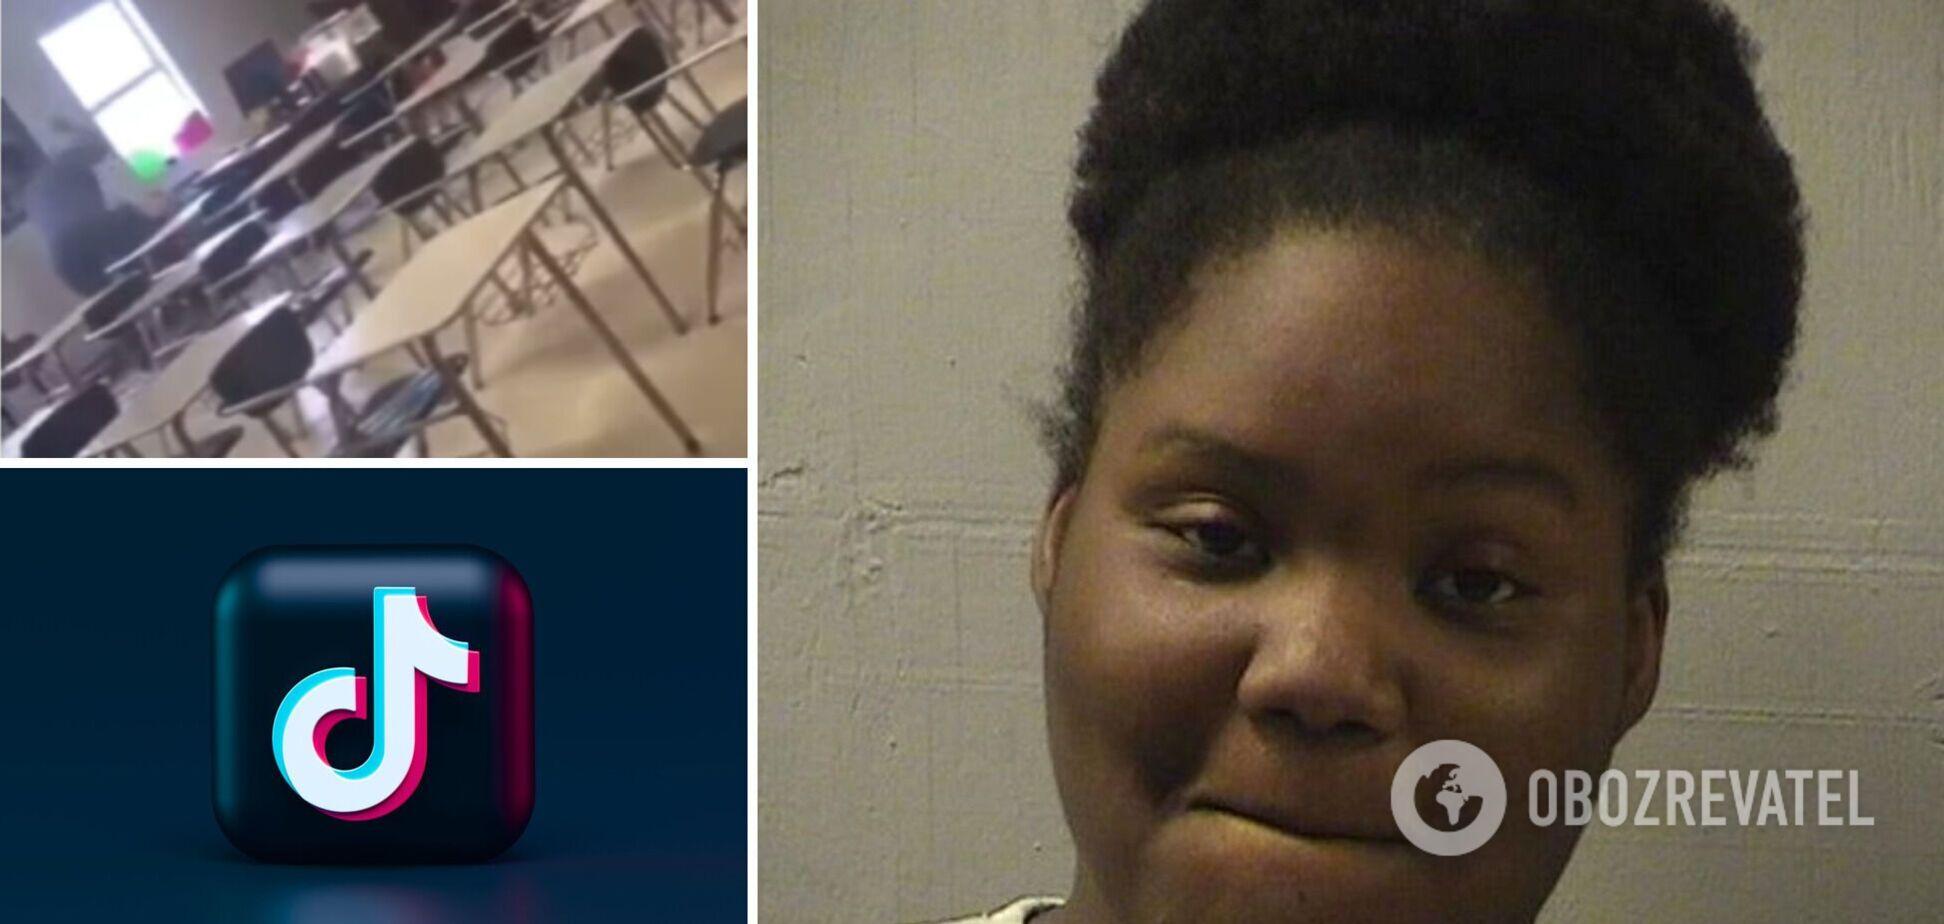 Школярка, ймовірно, напала на вчительку для челенджу TikTok